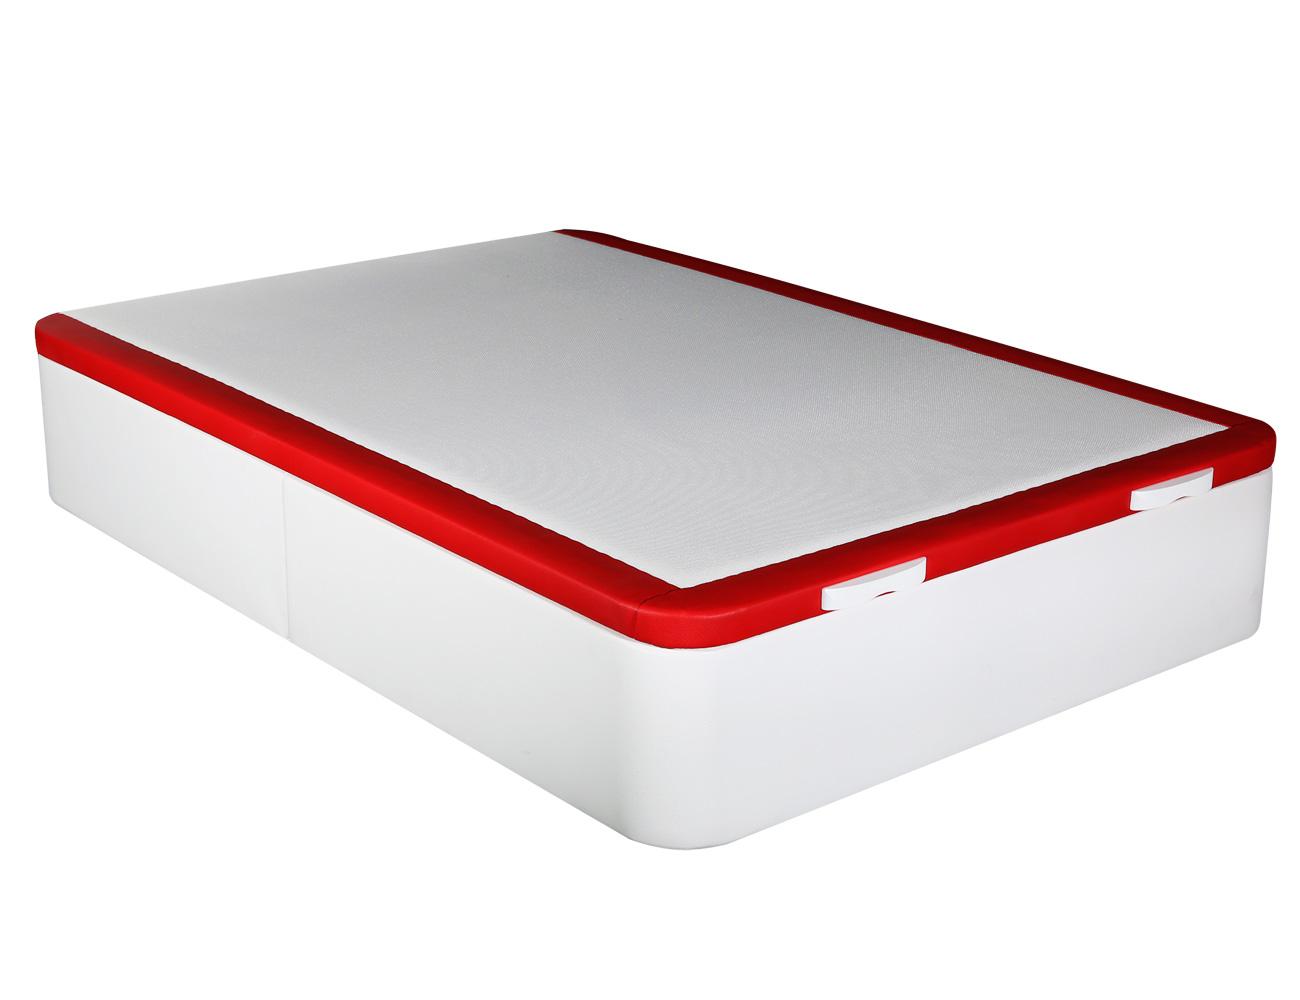 Canape polipiel blanco rojo hercules